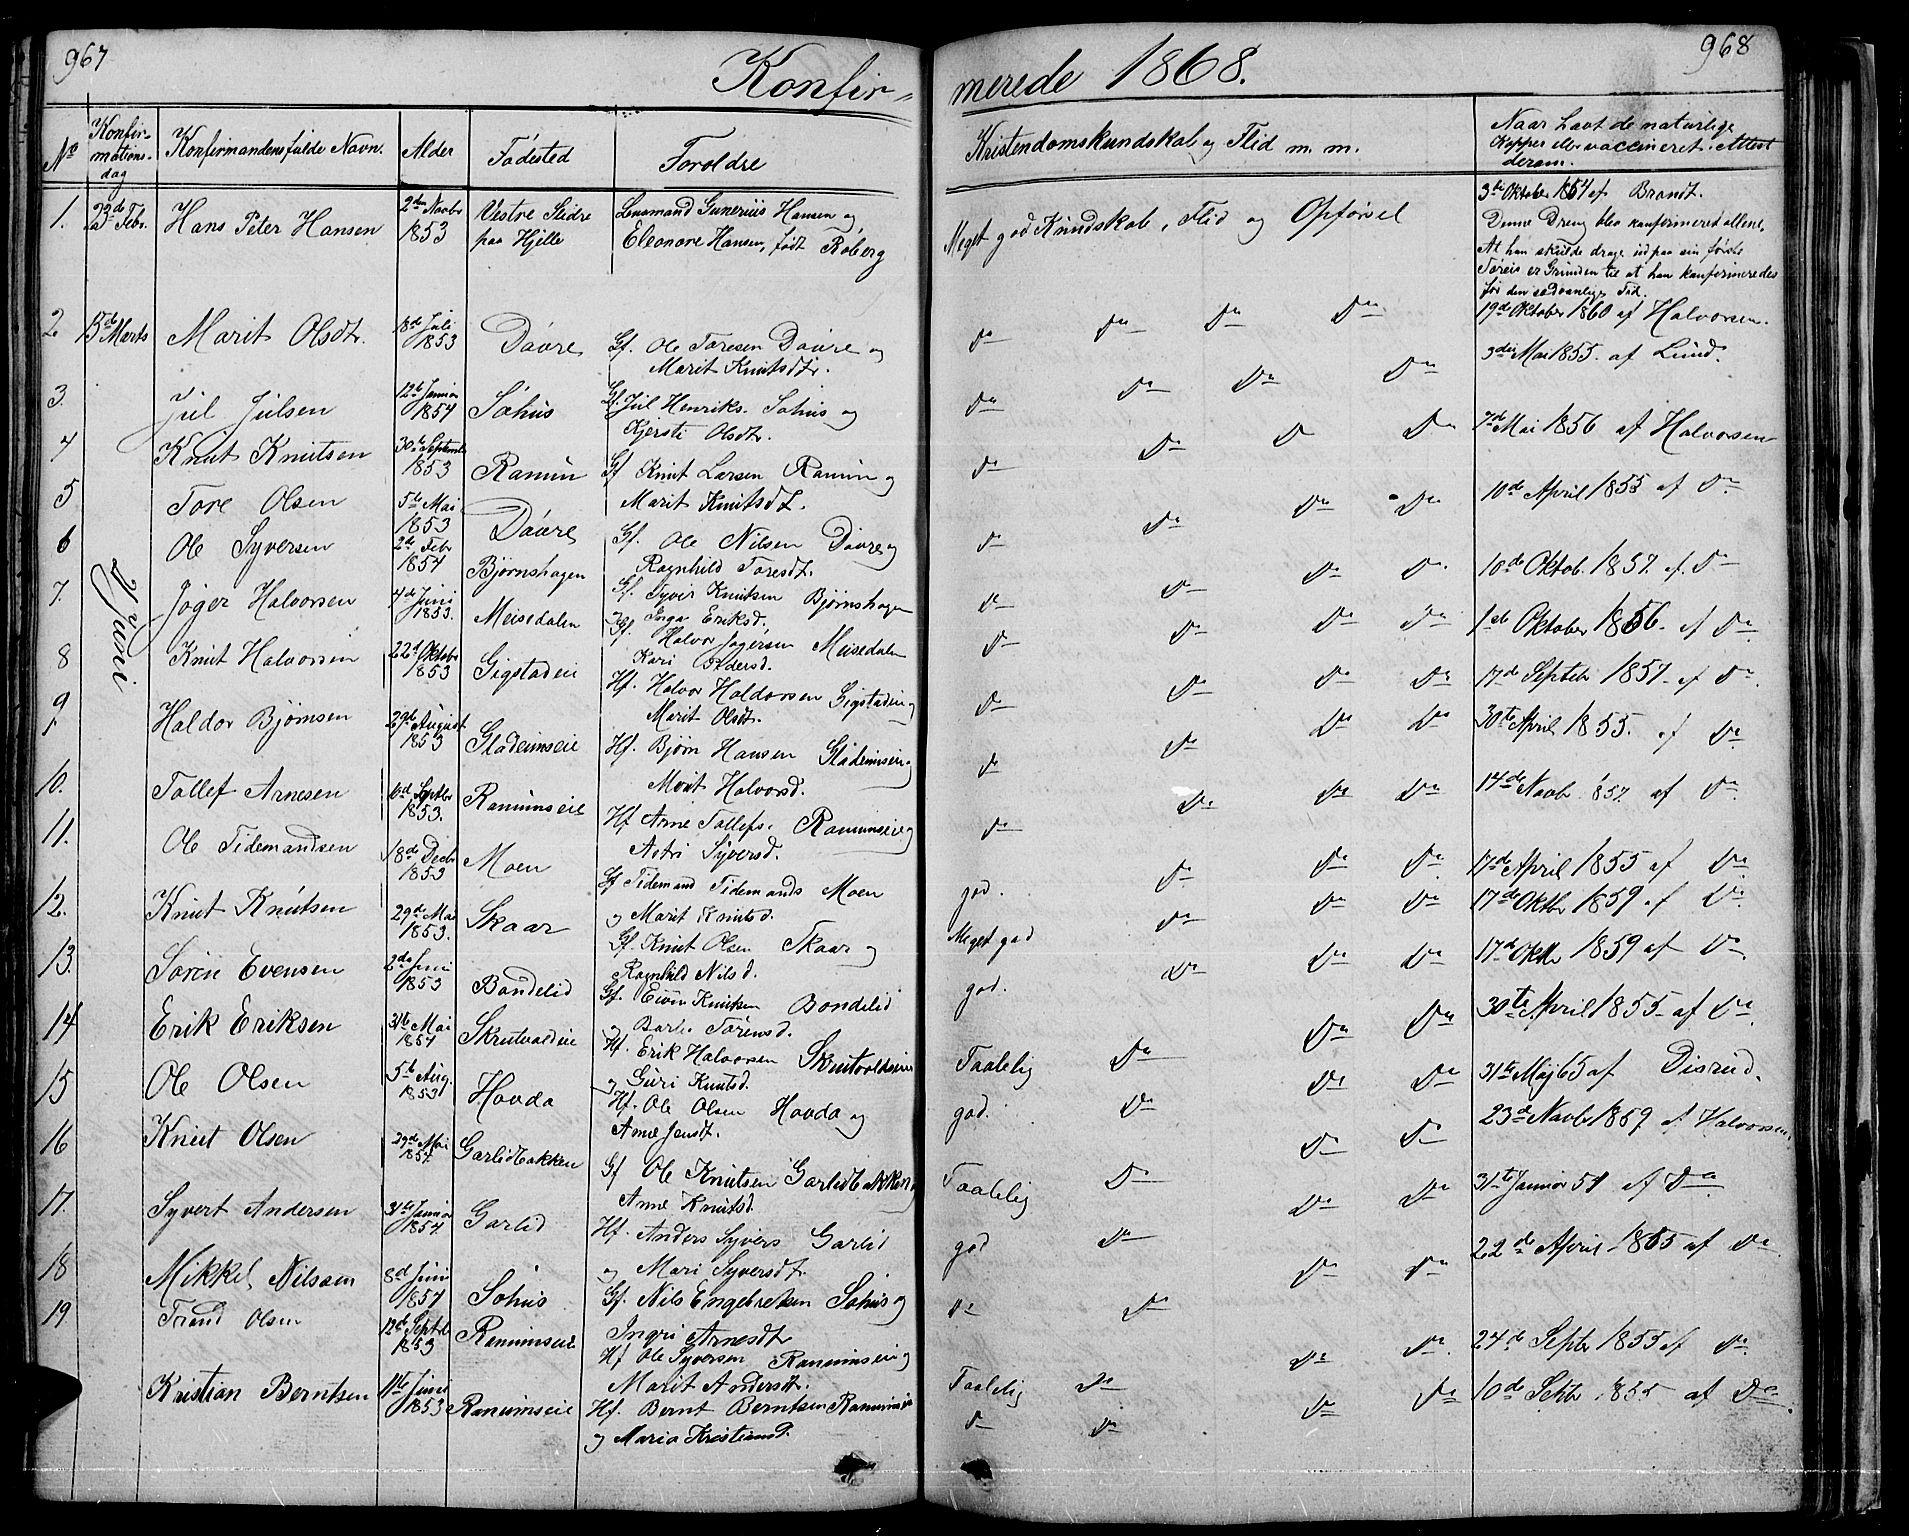 SAH, Nord-Aurdal prestekontor, Klokkerbok nr. 1, 1834-1887, s. 967-968